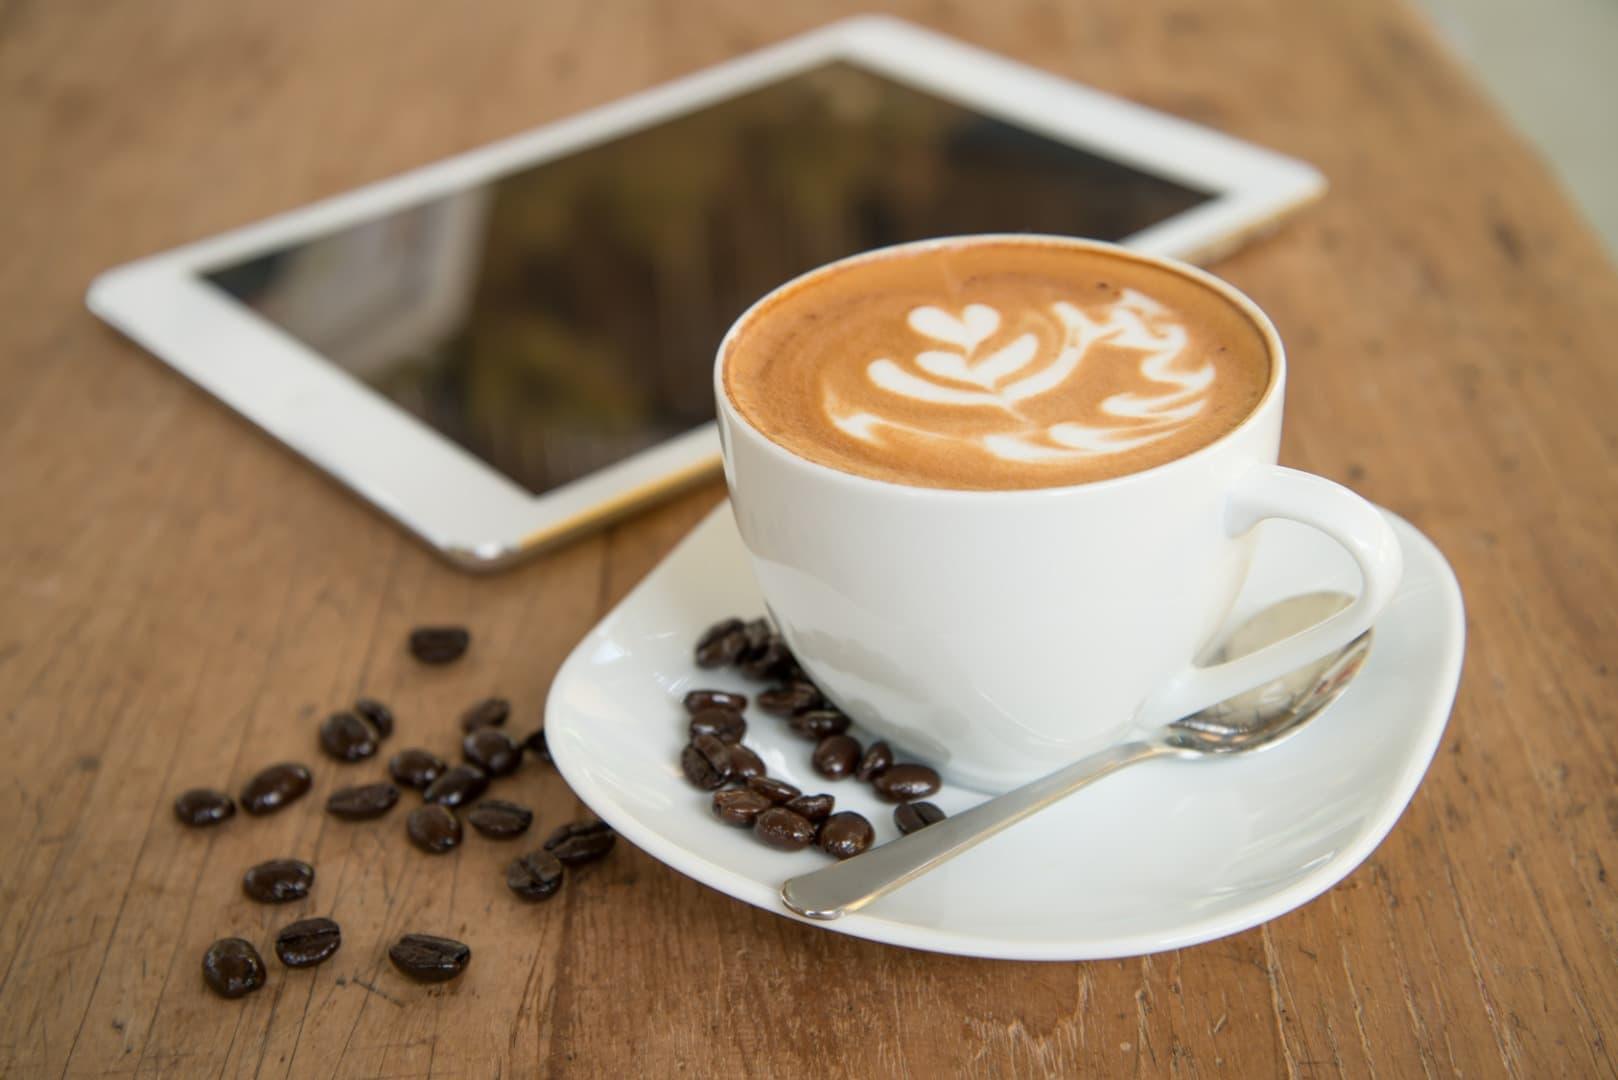 décrire le projet immobilier autour d'un café